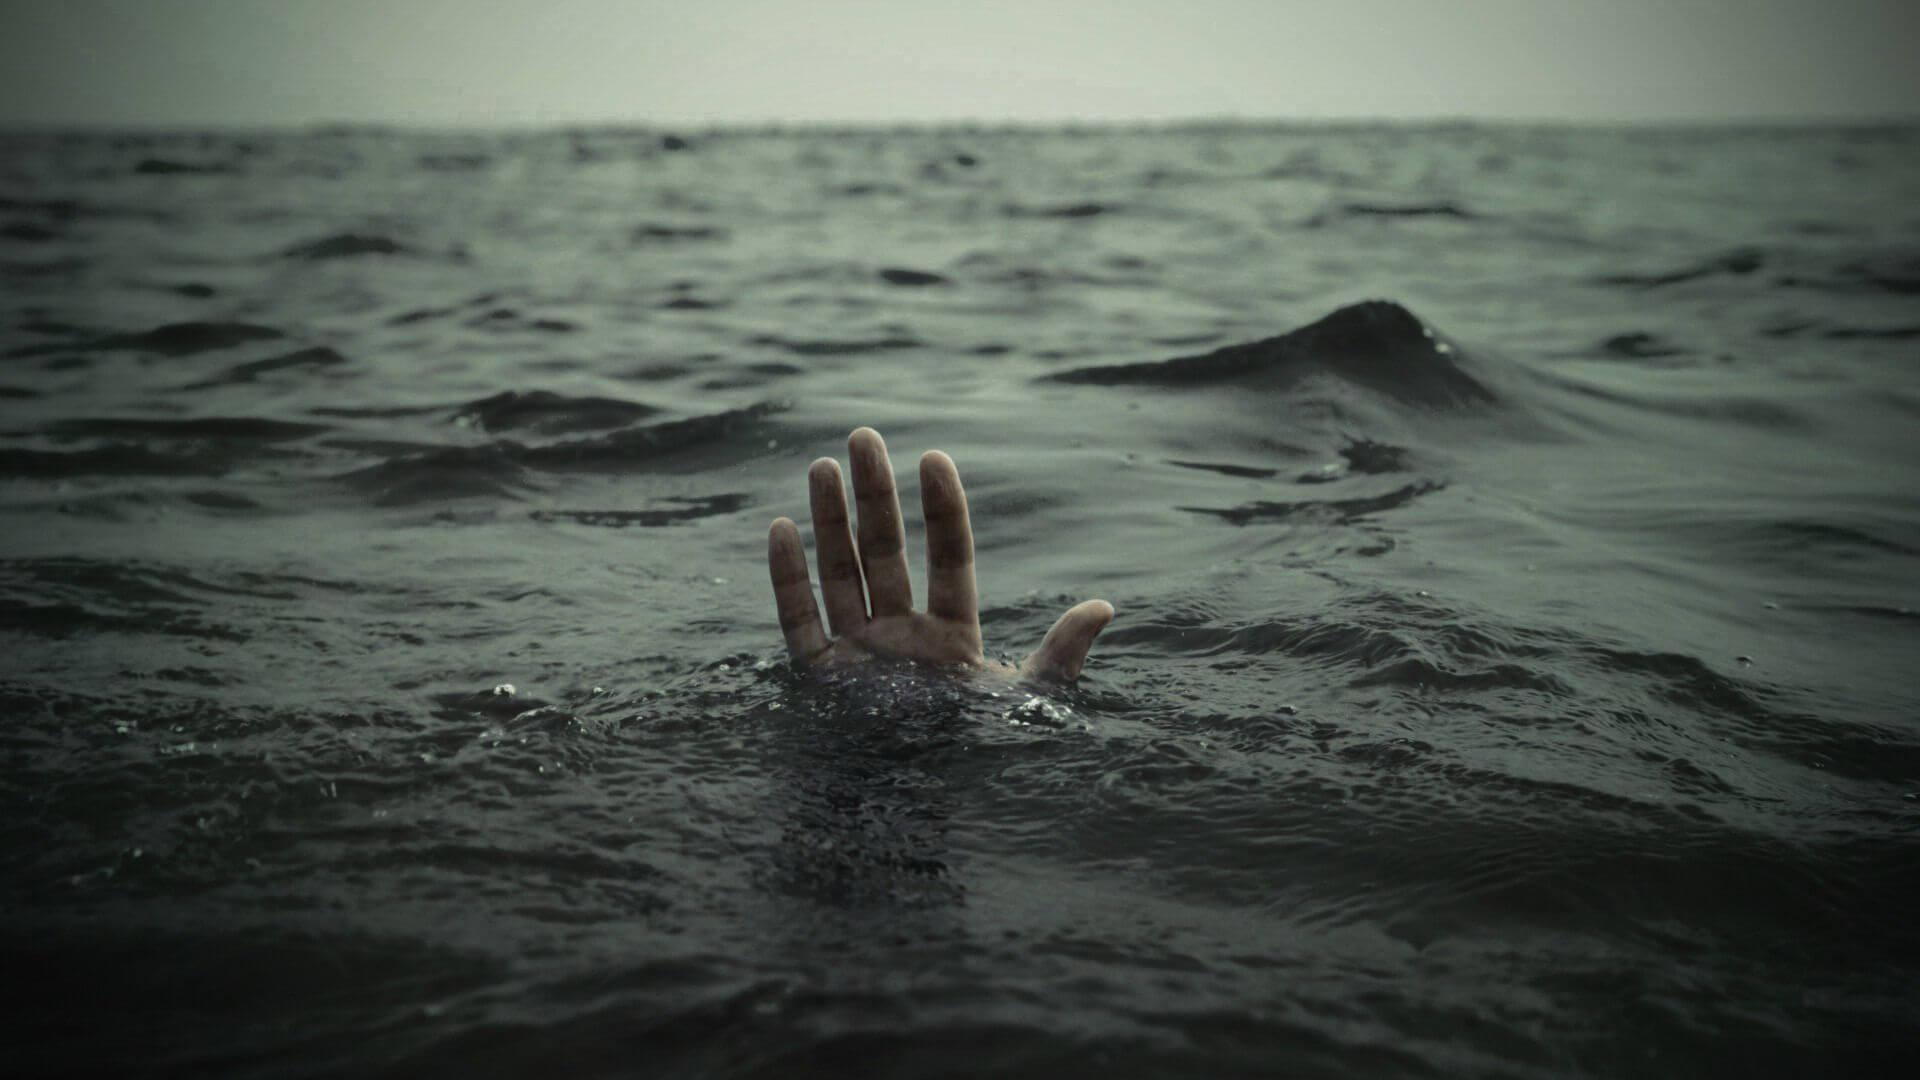 غرق شدن پسر ۱۲ ساله سیرجانی در استخر آب